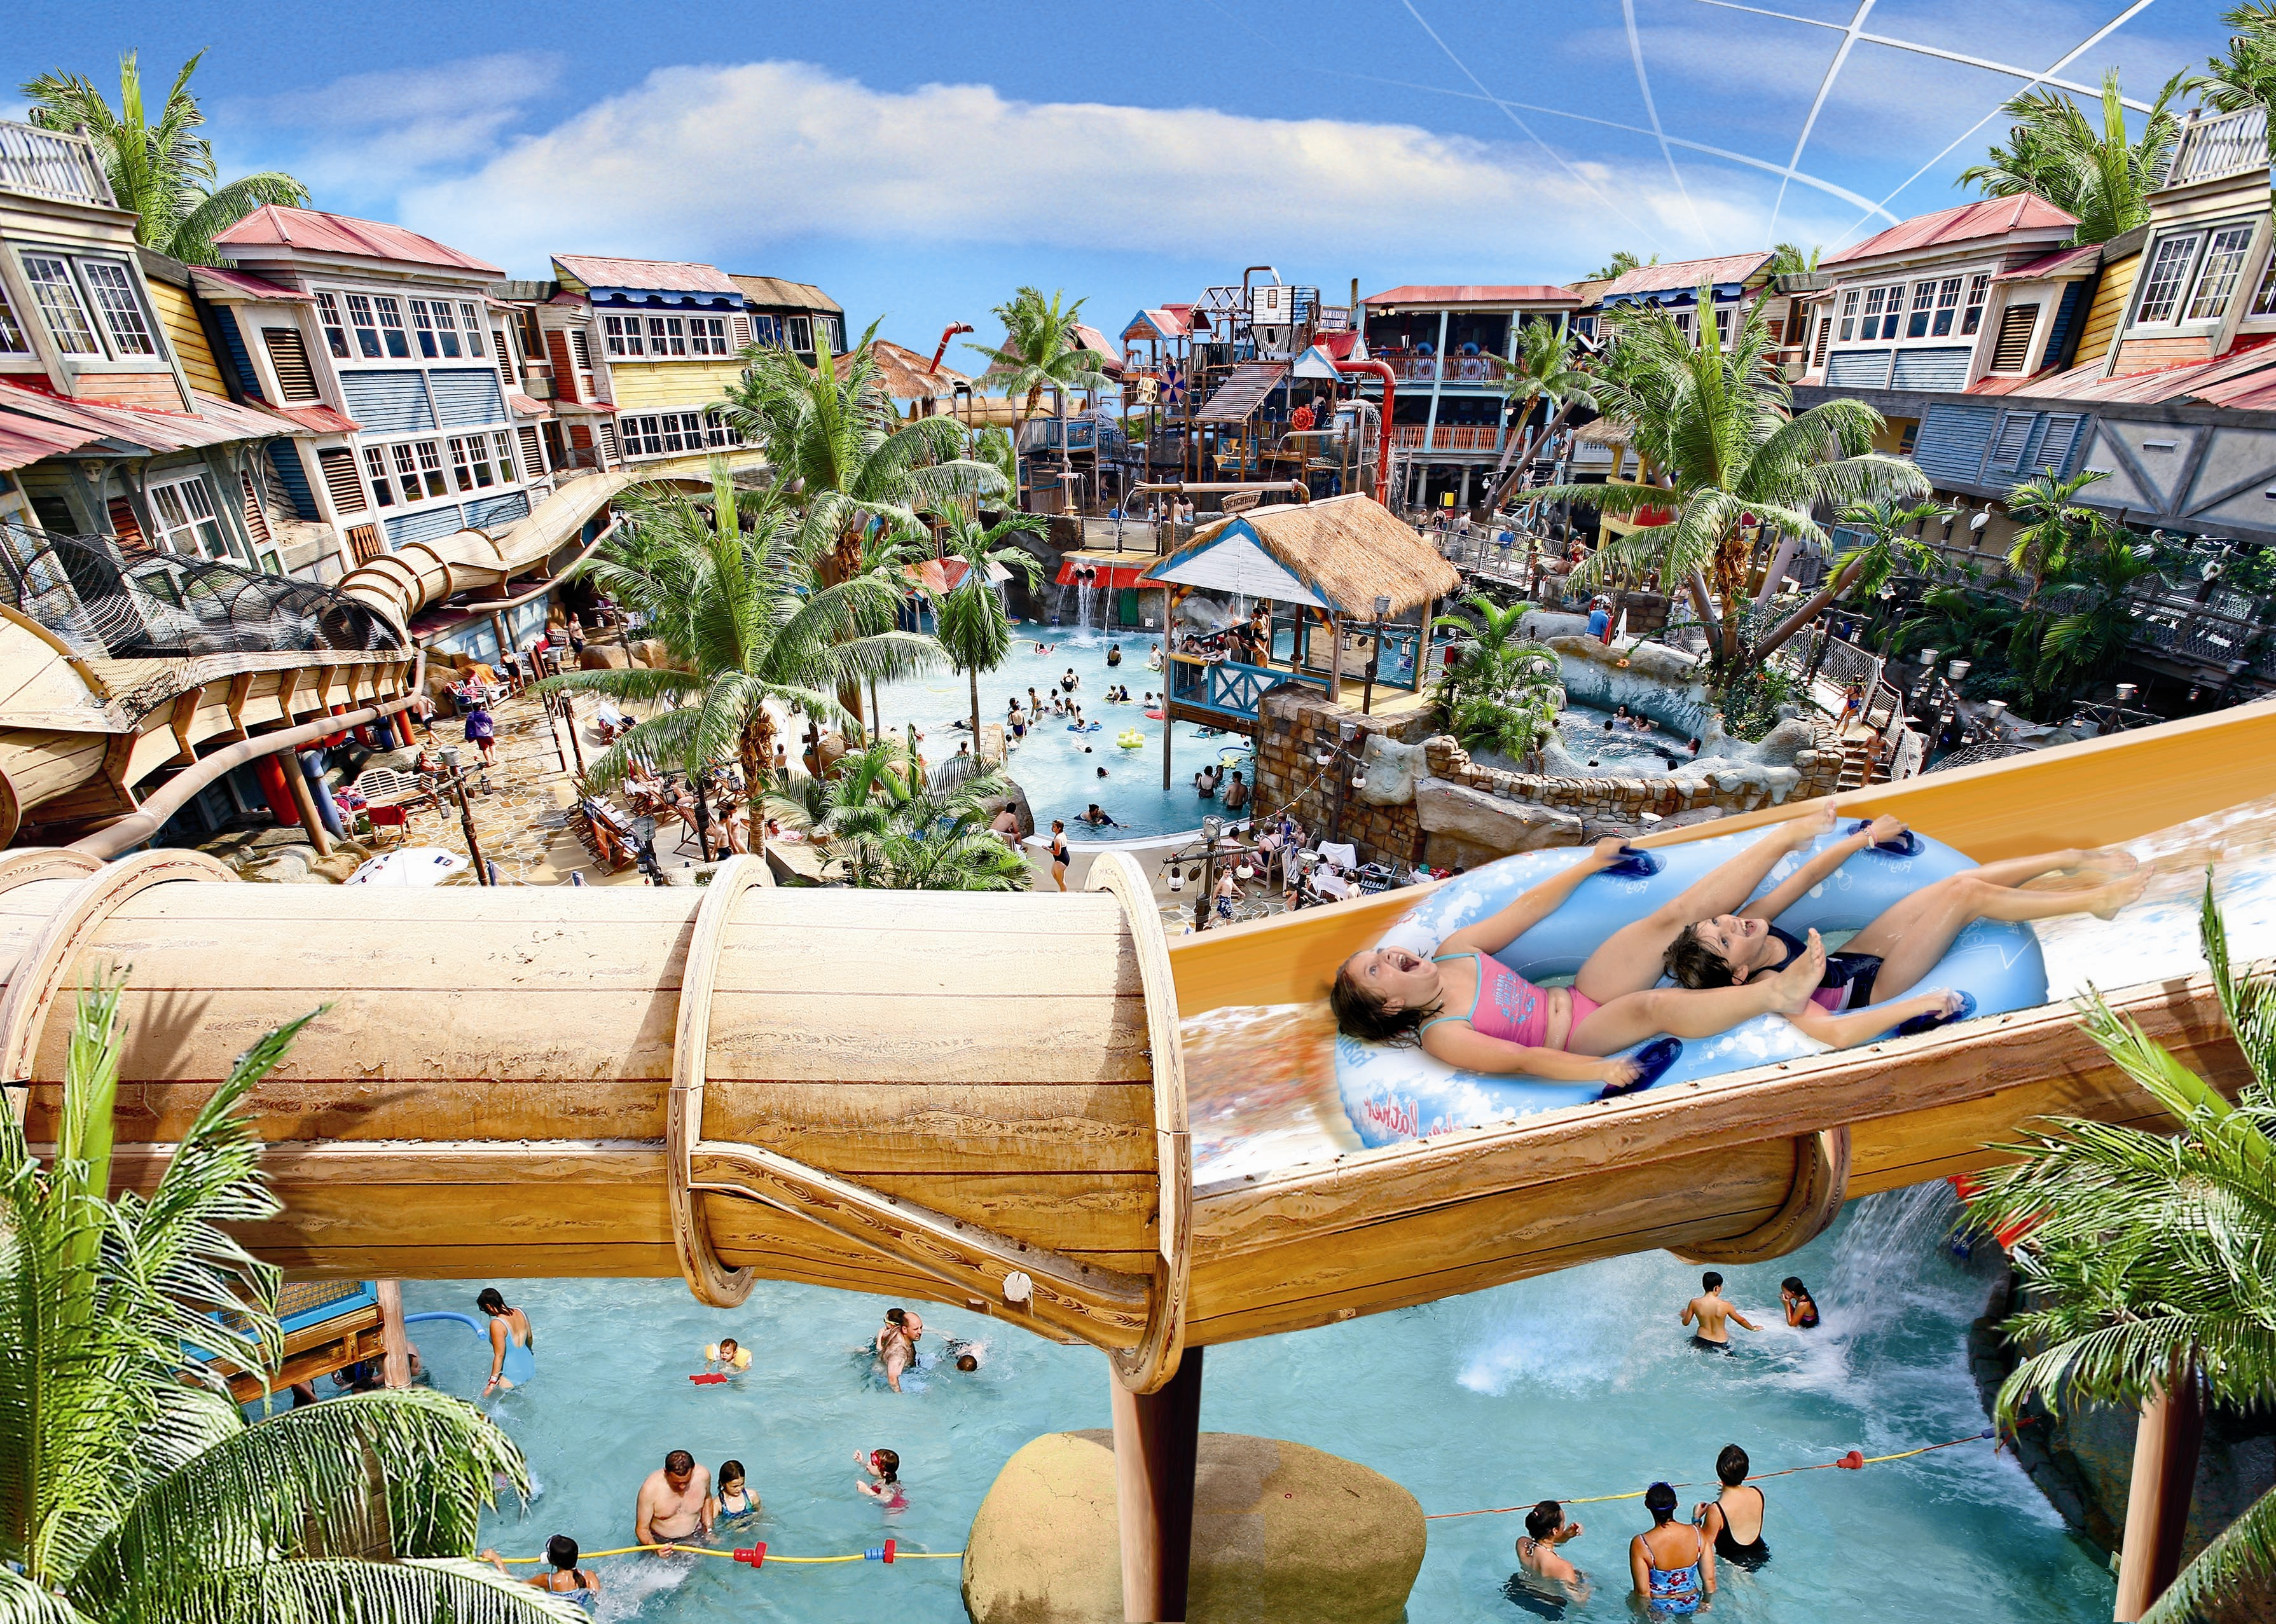 alton-towers-water-park-atrakcje-dla-dzieci